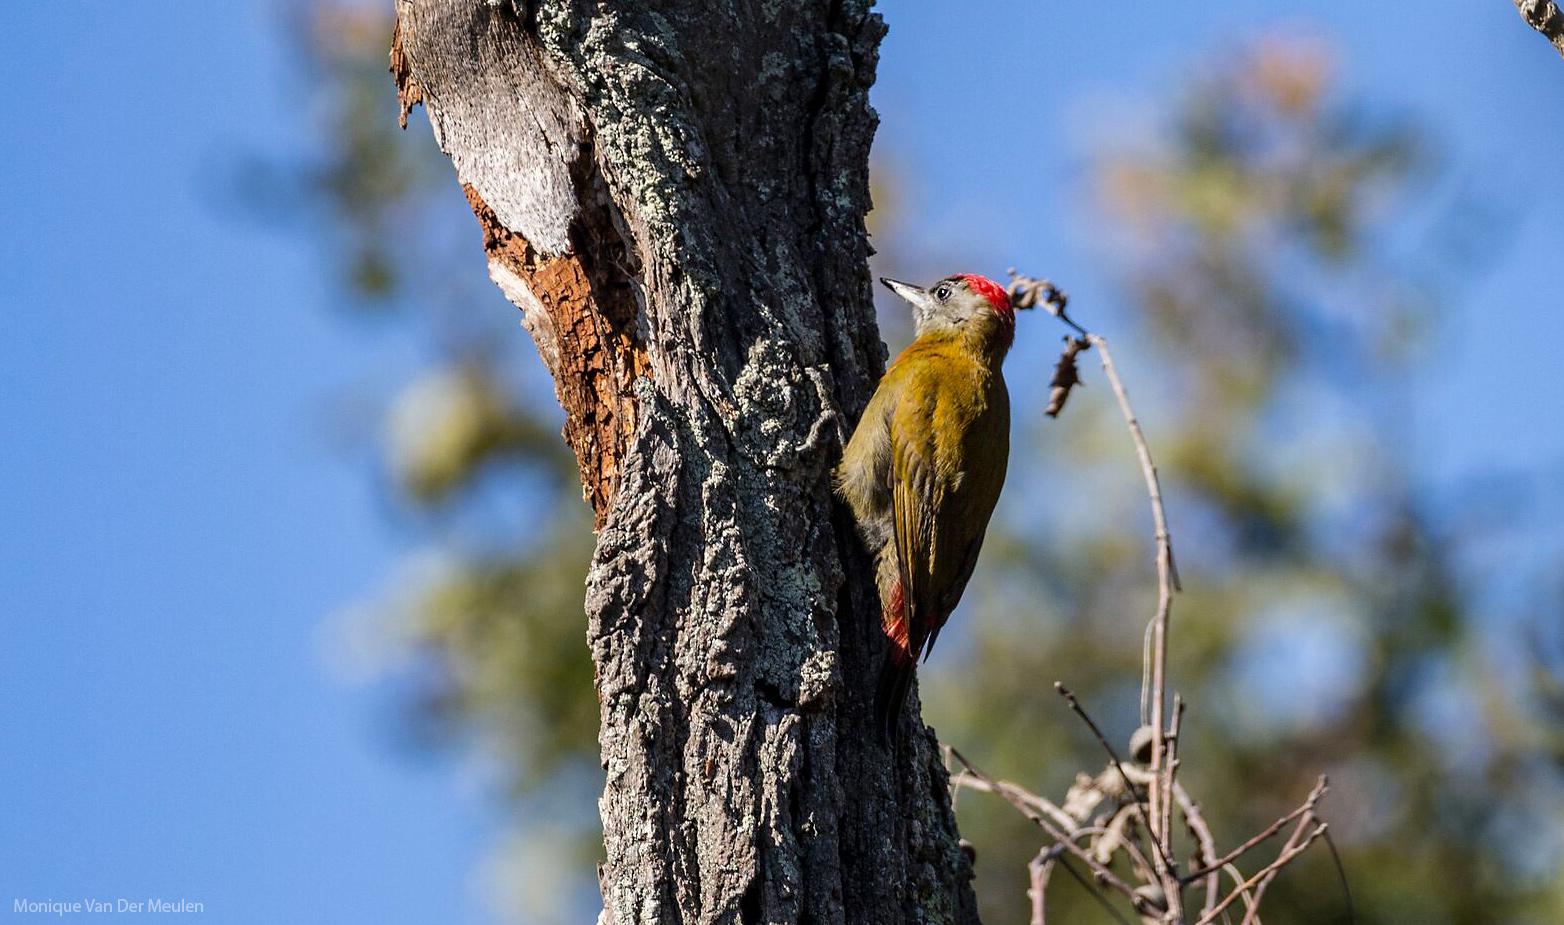 olive-woodpecker-by-Monique-Van-Der-Meulen